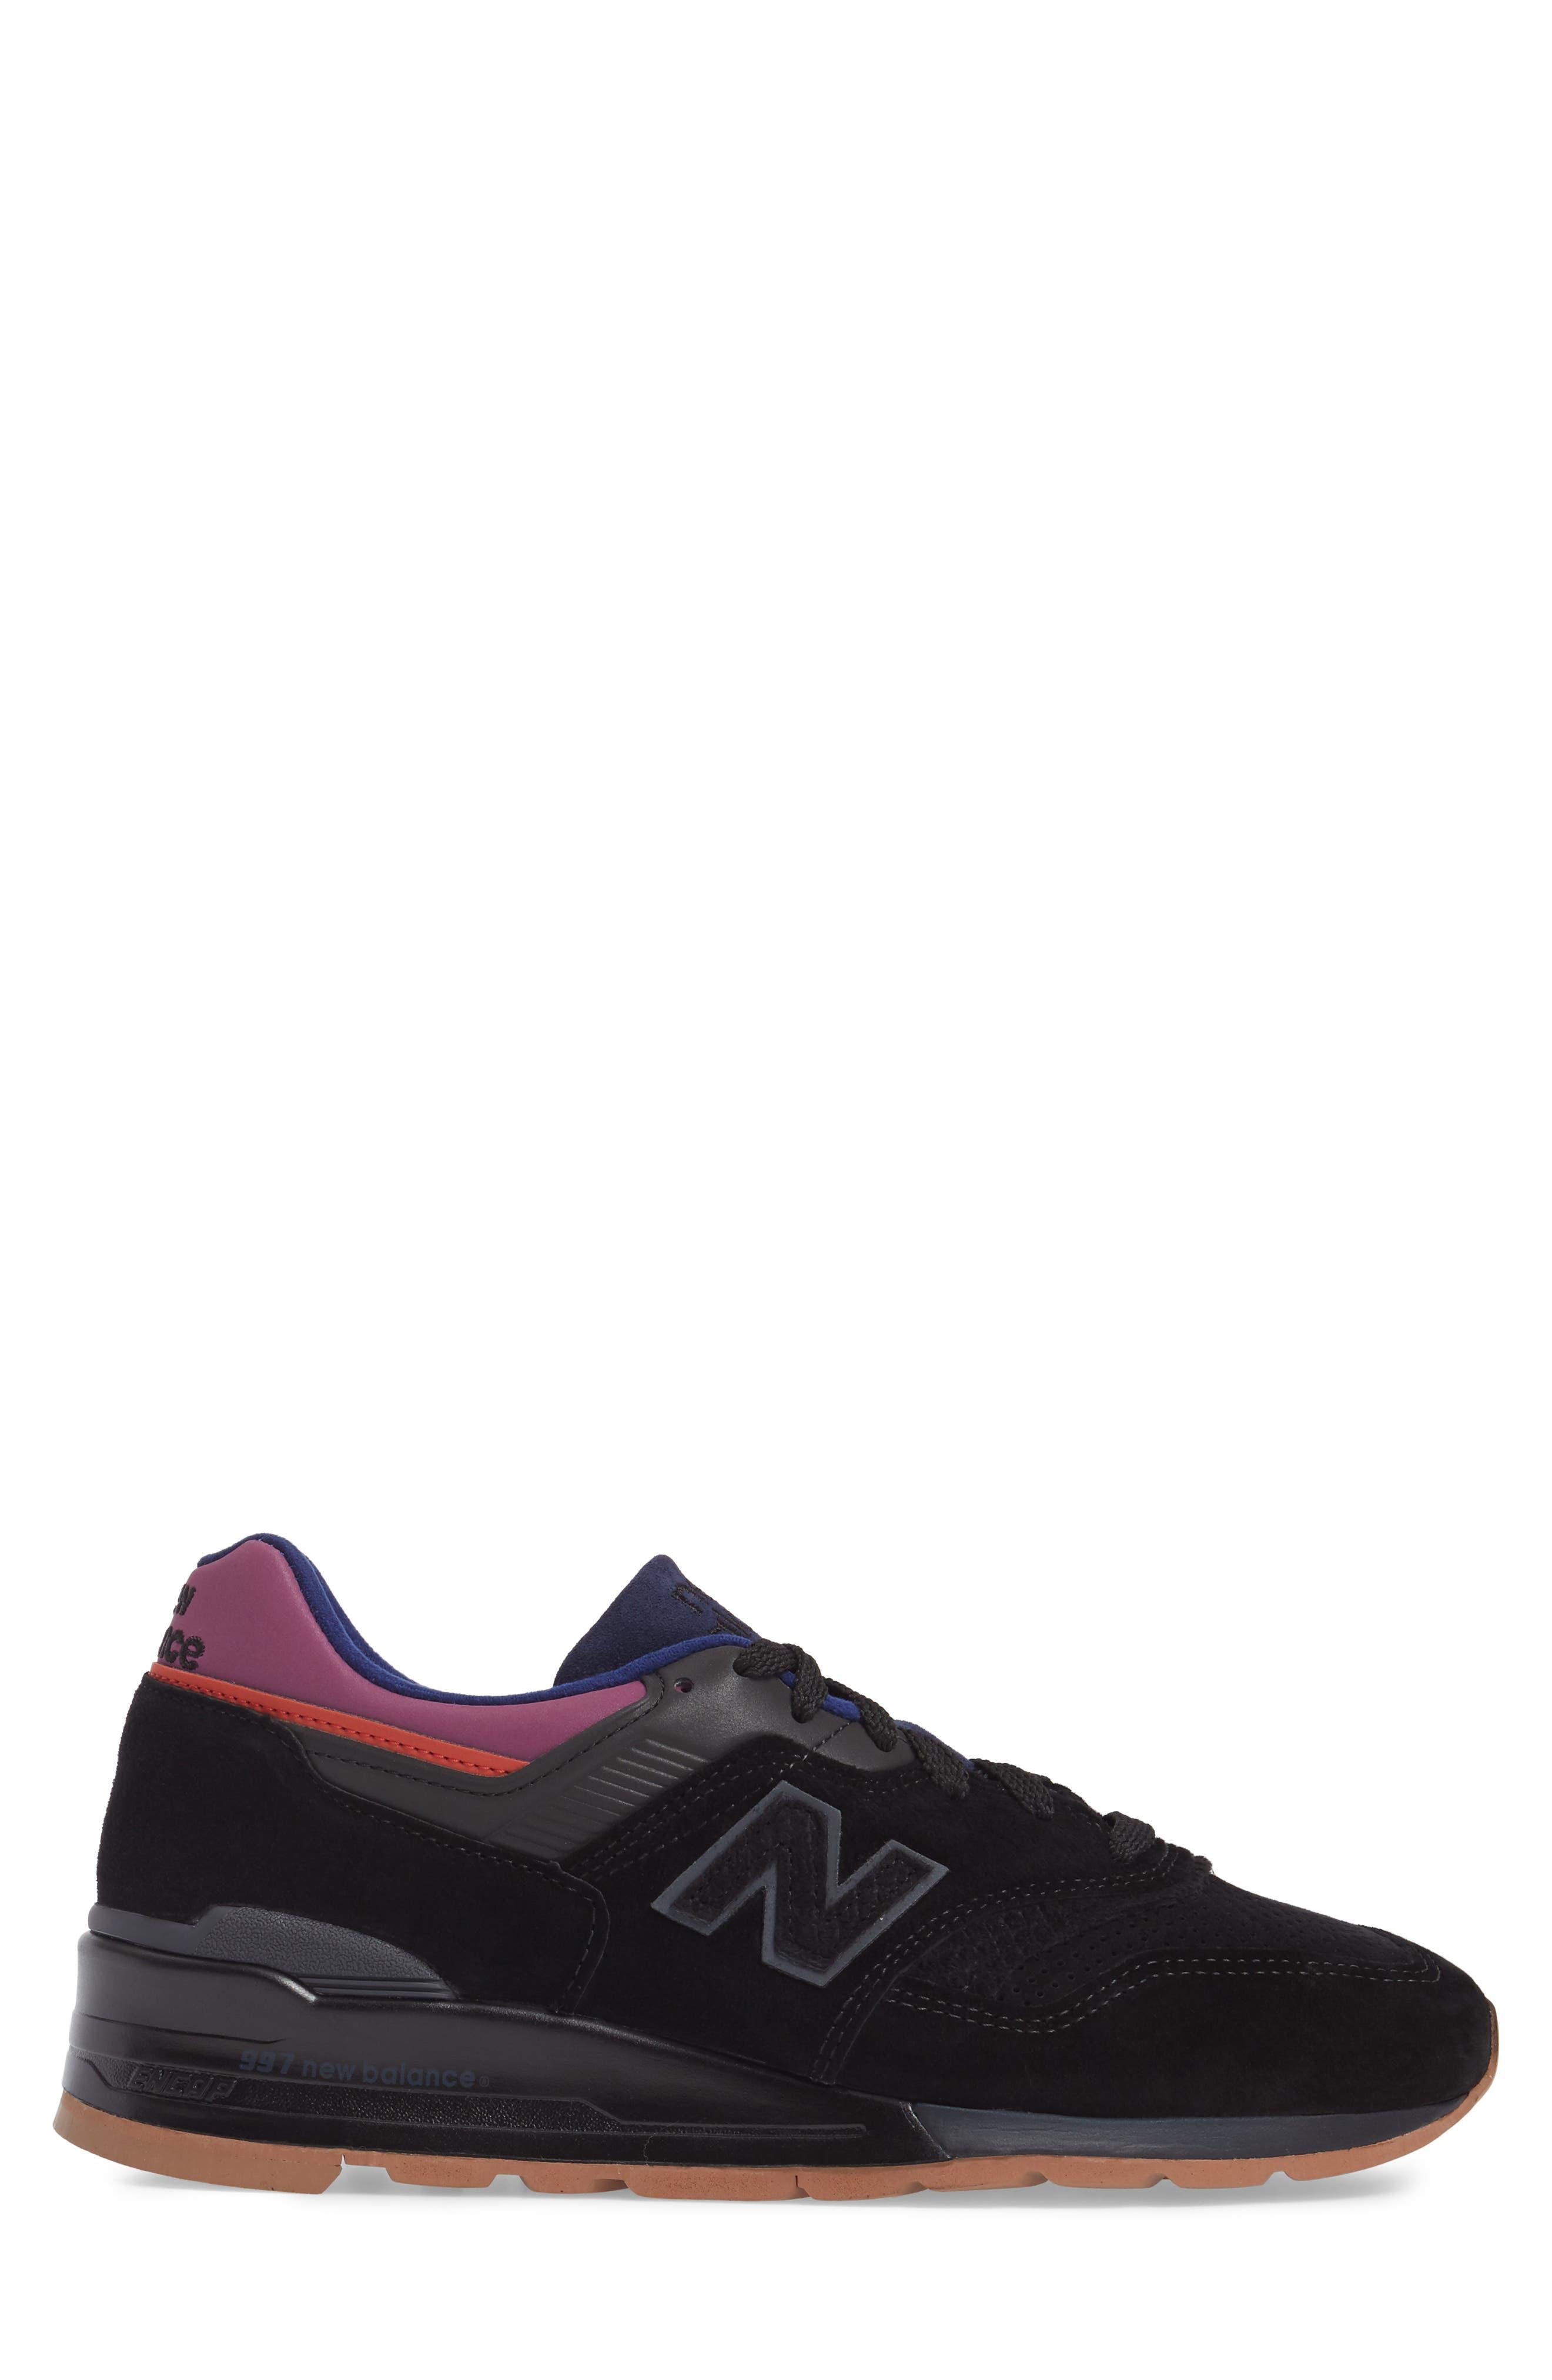 997 Sneaker,                             Alternate thumbnail 3, color,                             001